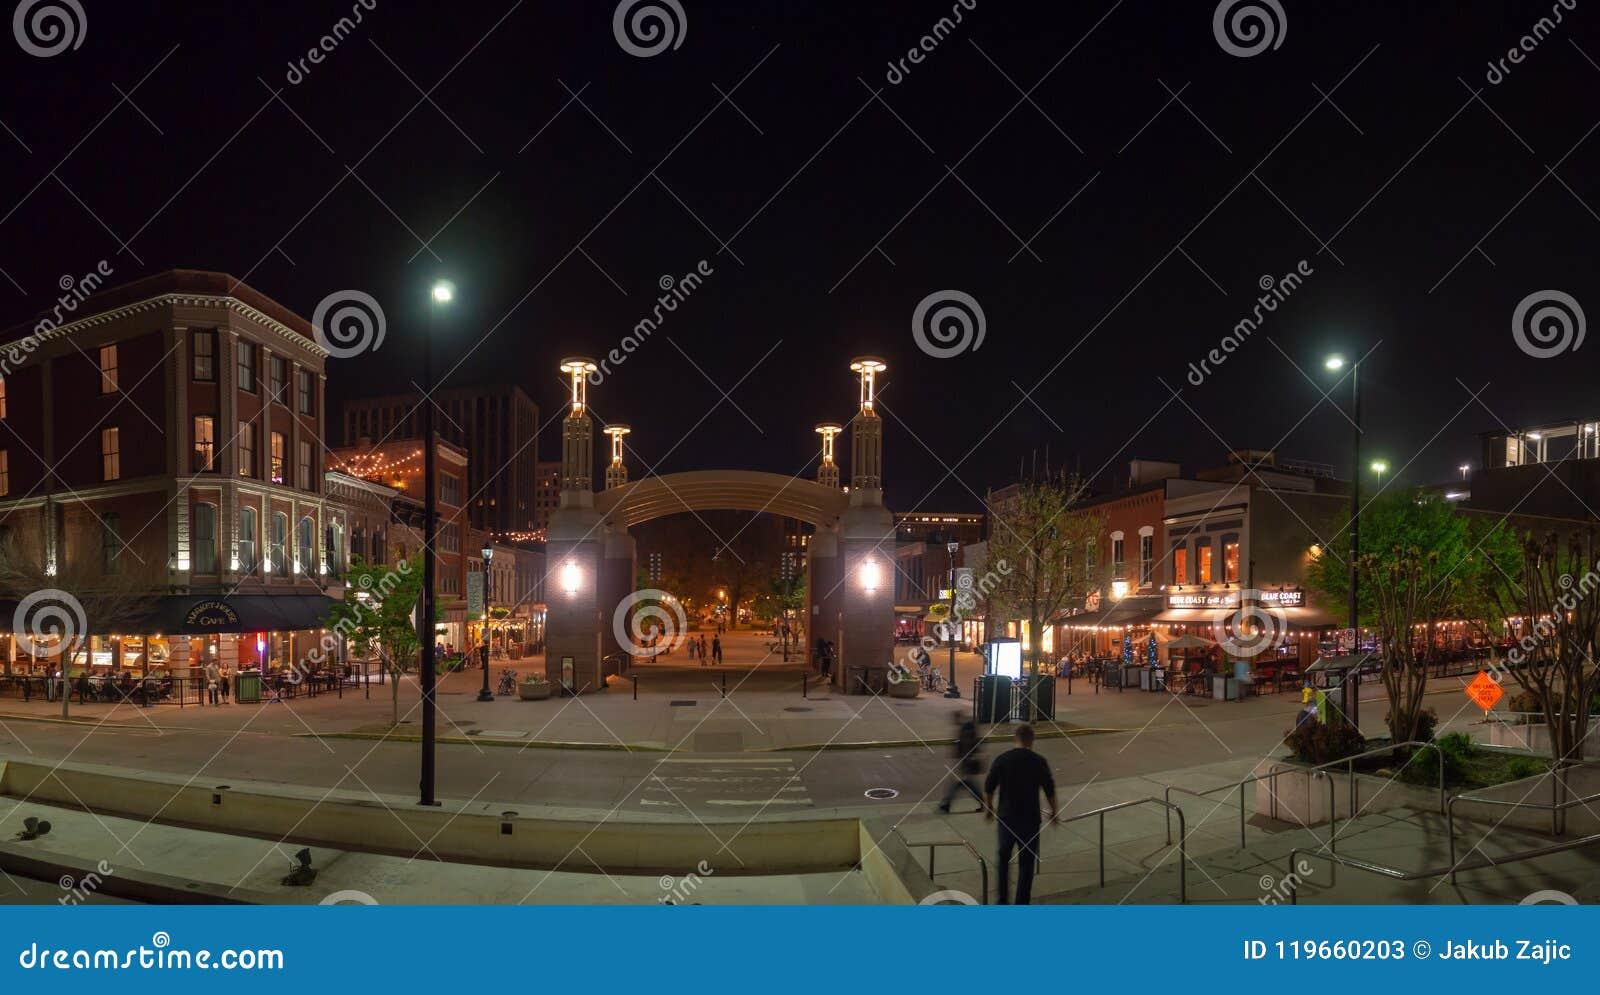 Τετράγωνο αγοράς, Knoxville, Τένεσι, Ηνωμένες Πολιτείες της Αμερικής: [Ζωή νύχτας στο κέντρο Knoxville]